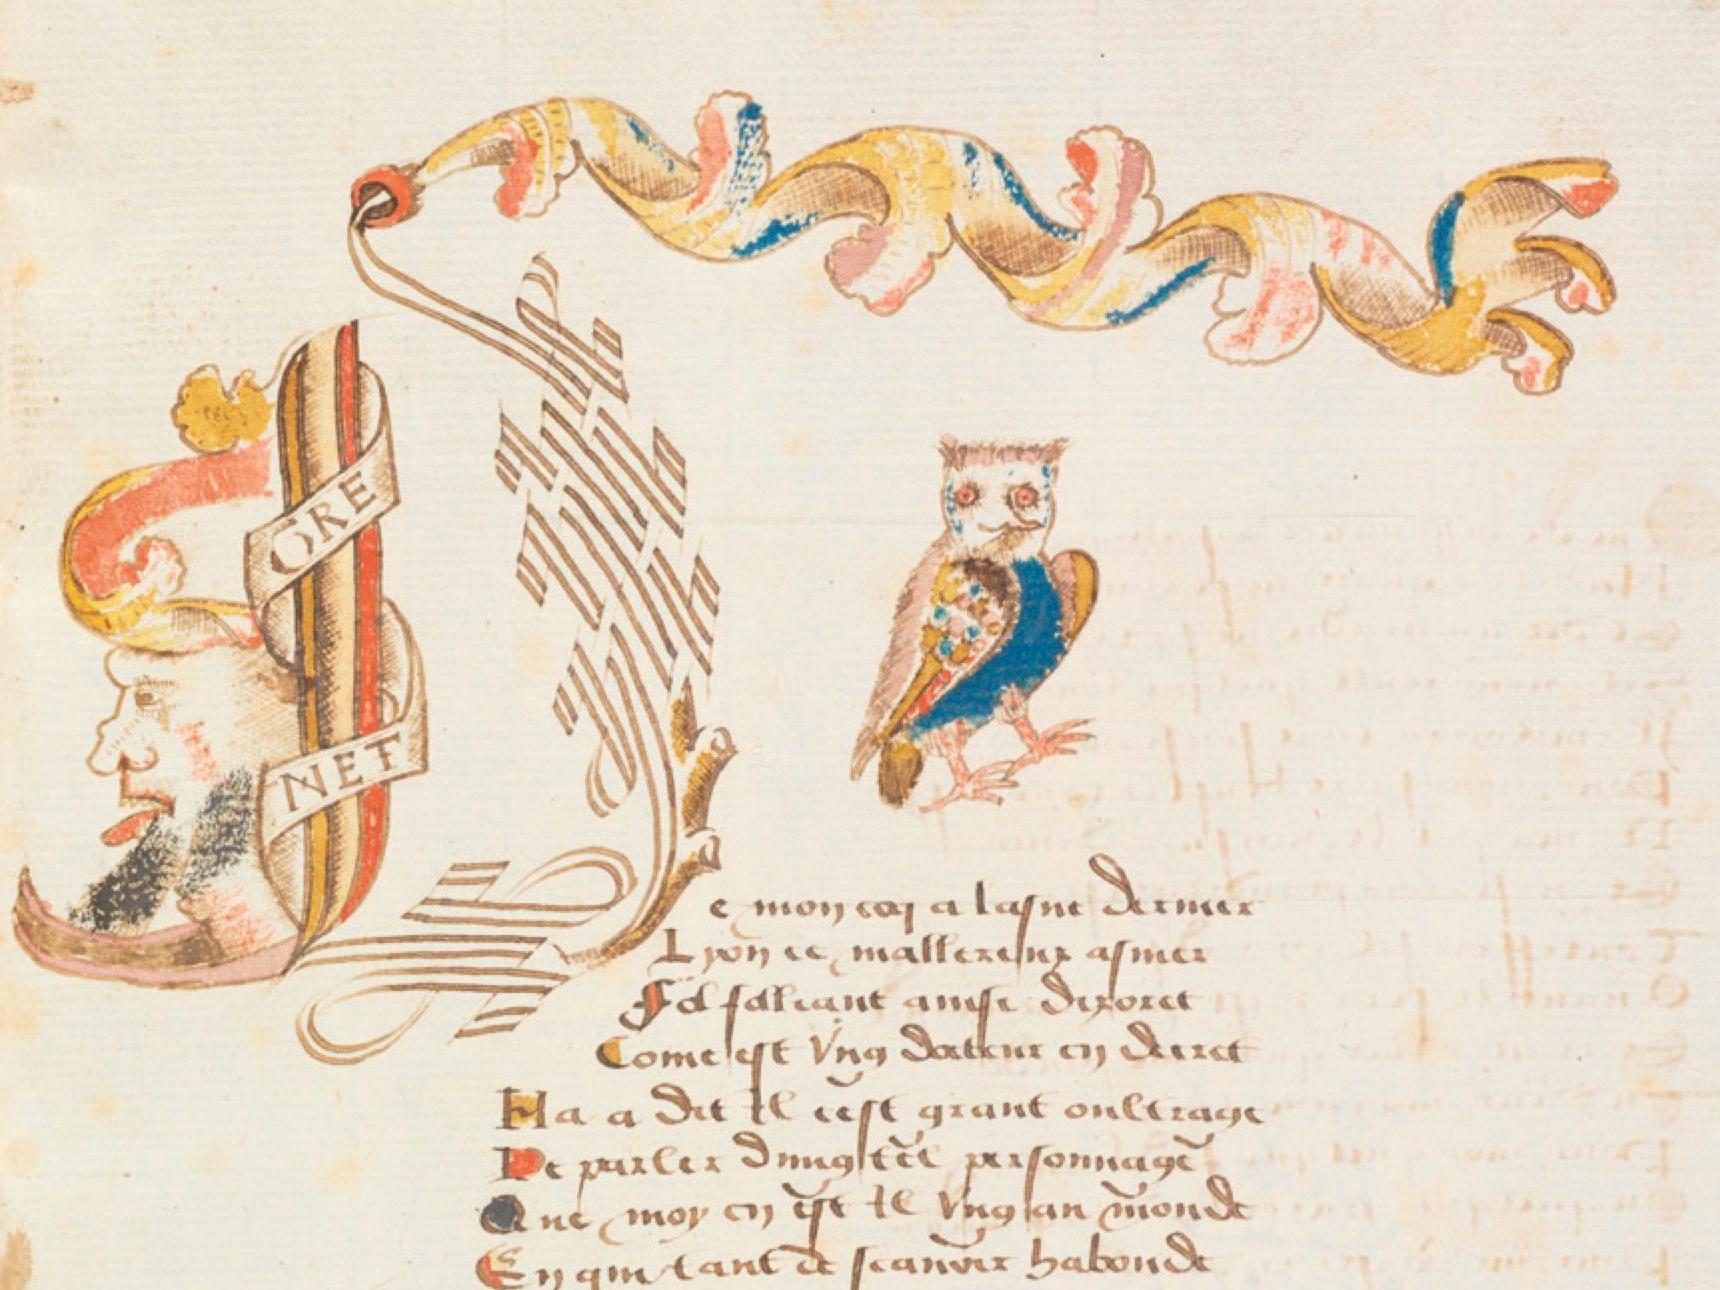 Le Recueil Grenet. La poésie sur les rives du Léman au 16e siècle (Lausanne)